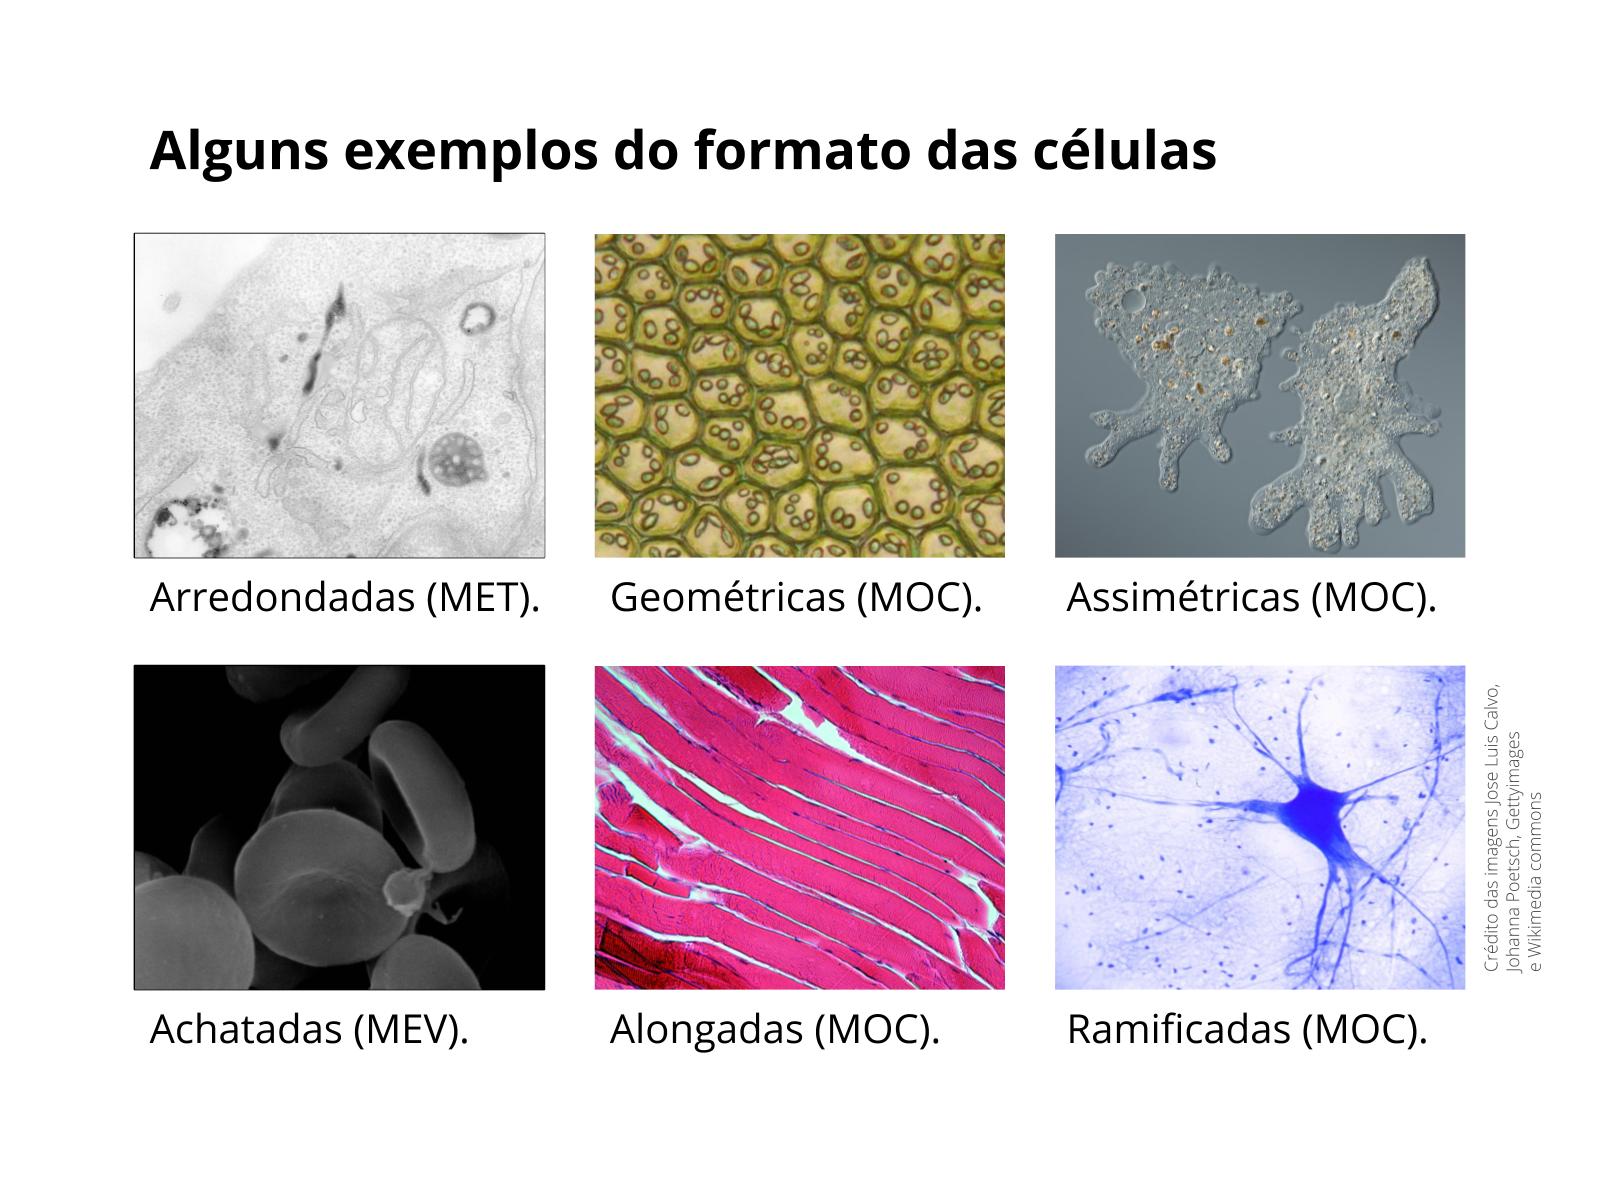 Observando os tipos de células